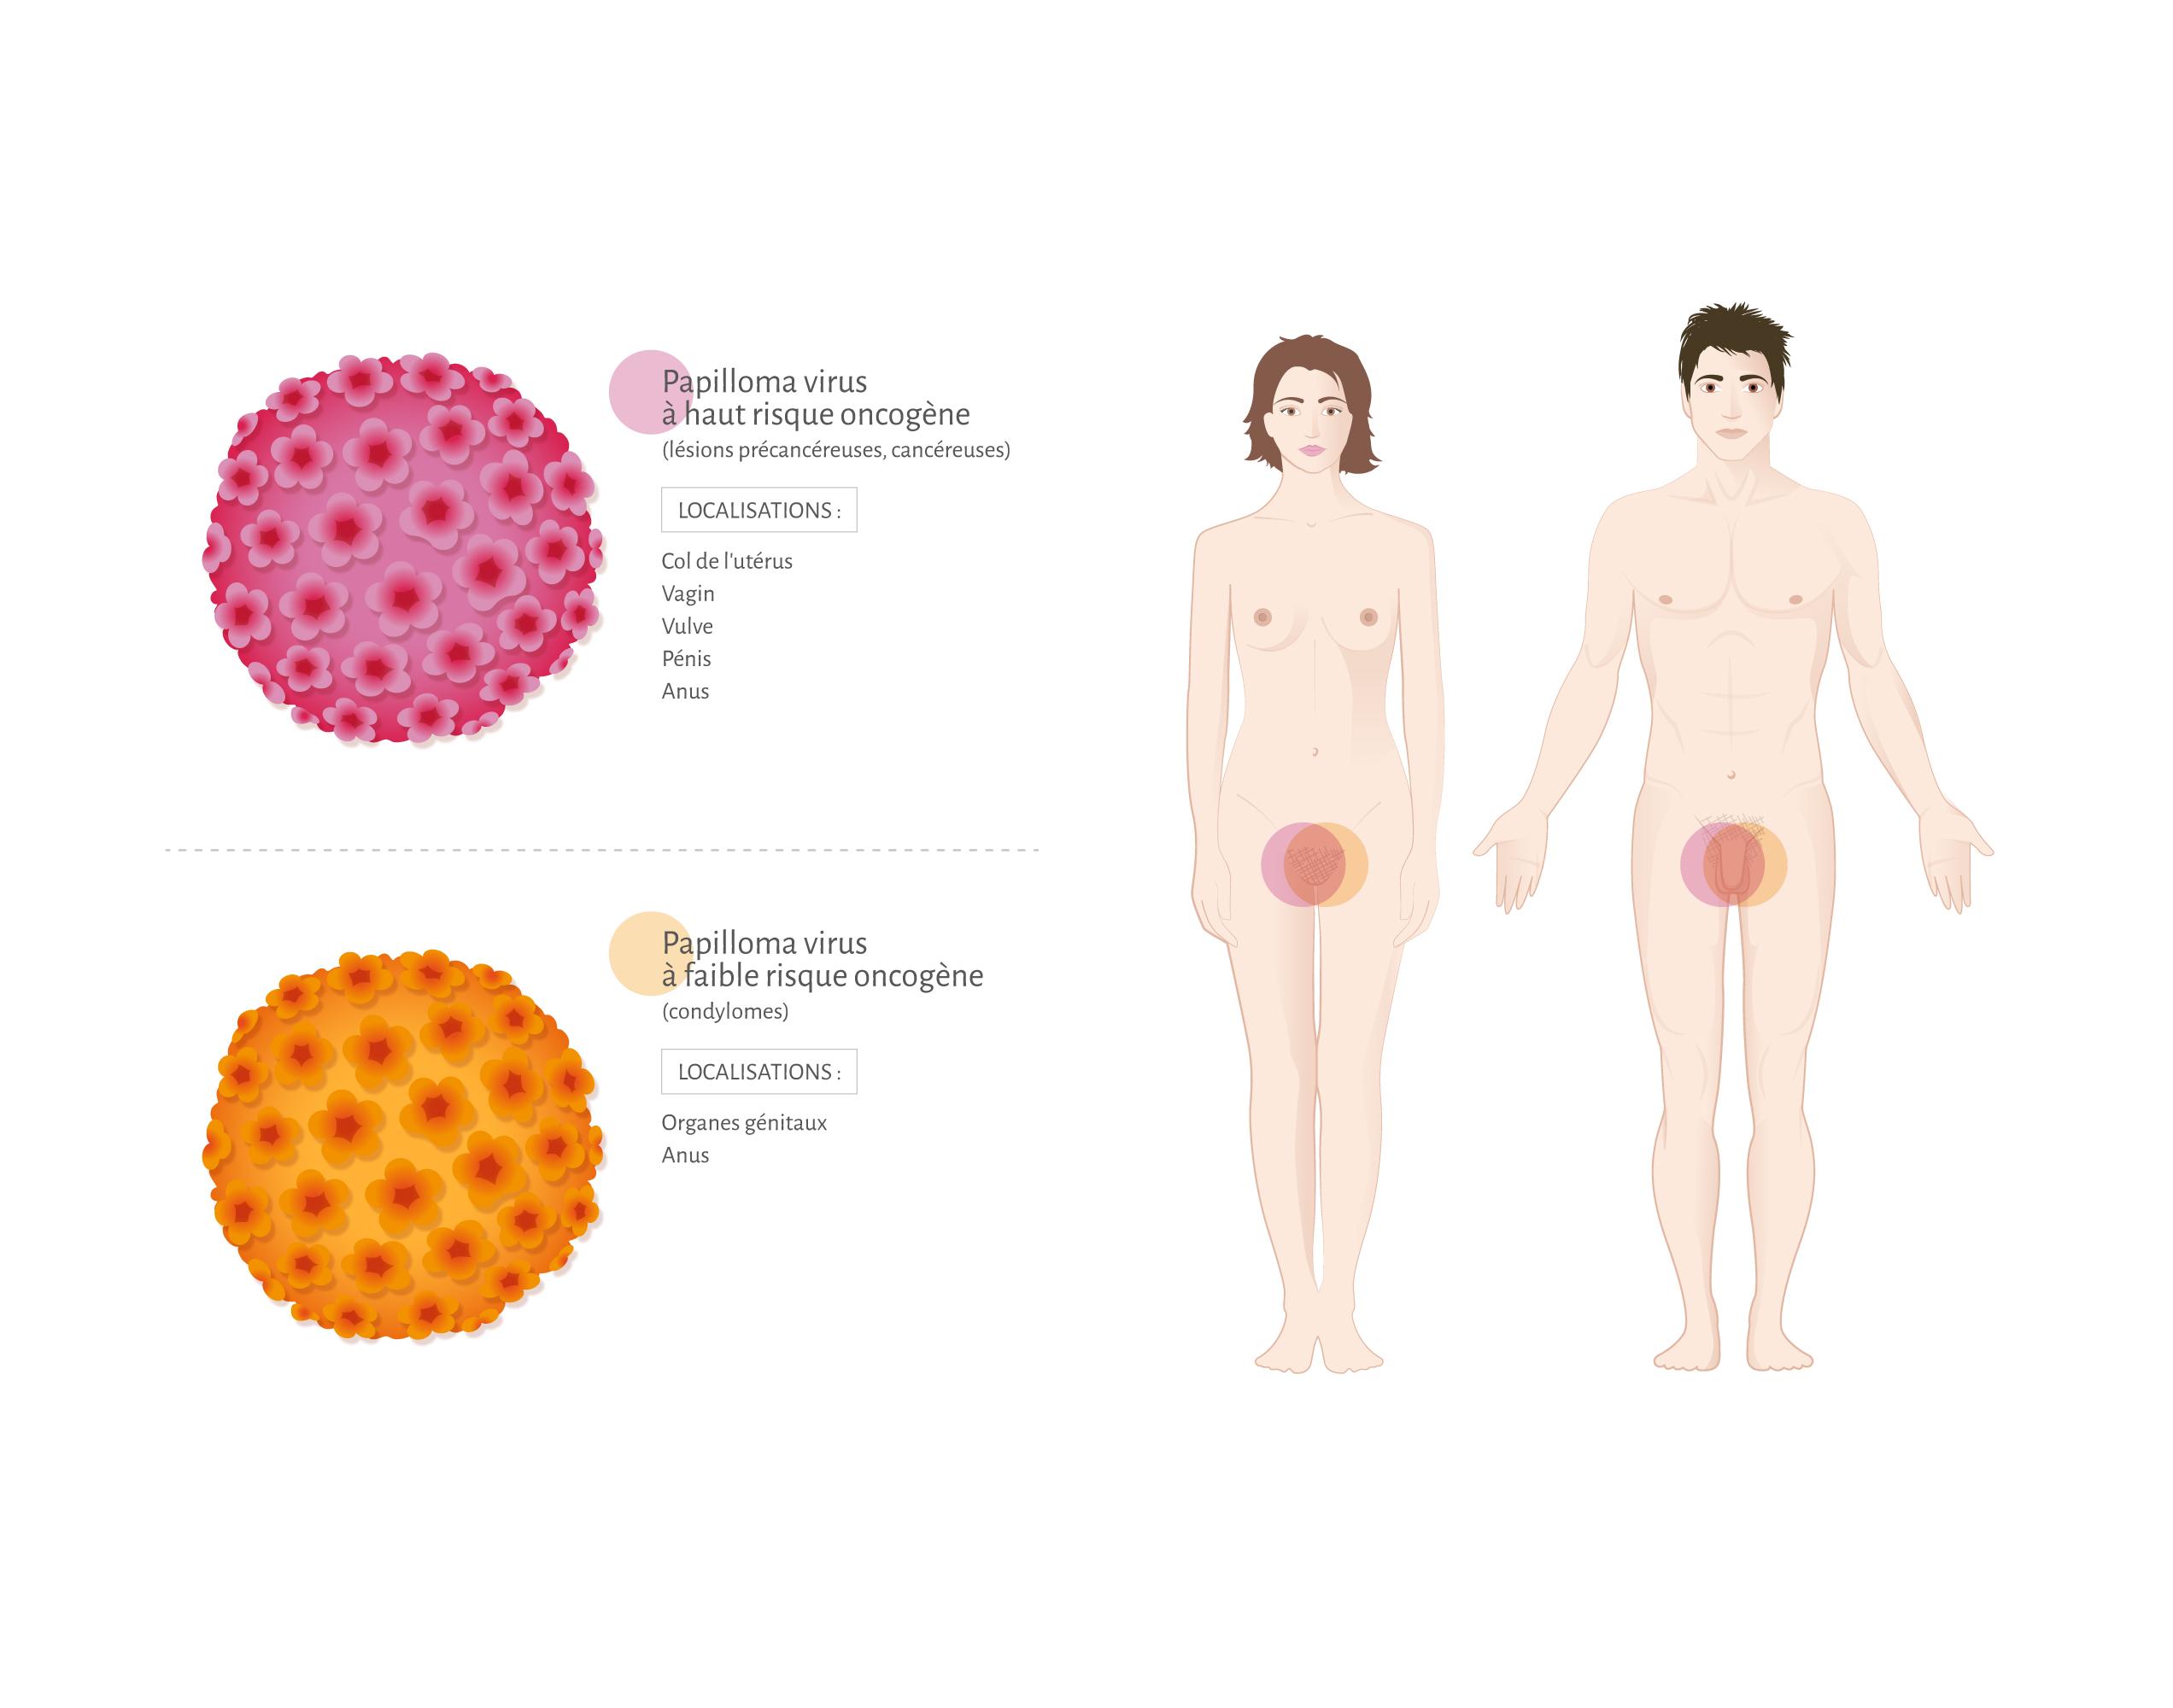 paraziți protozoali de l homme